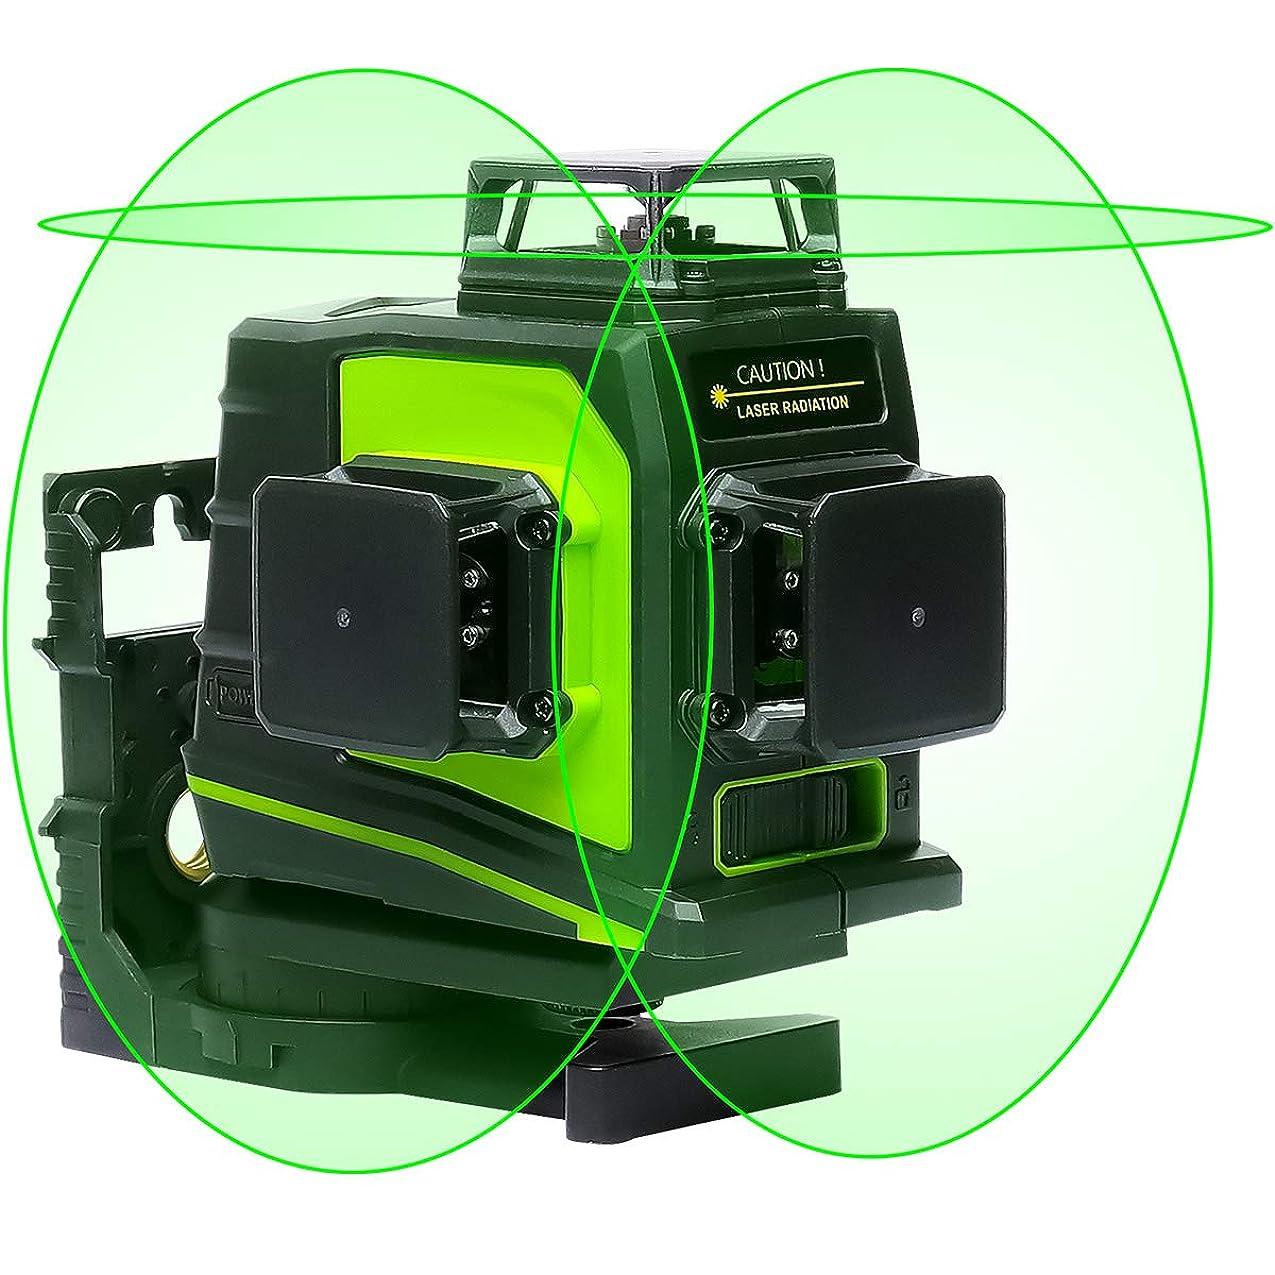 Huepar 3x360° レーザー墨出し器 グリーン 緑色 レーザー クロスライン 大矩 フルライン照射モデル 自動補正 2電源方式 USB充電可能 GF360G【受光器対応しないタイプ】